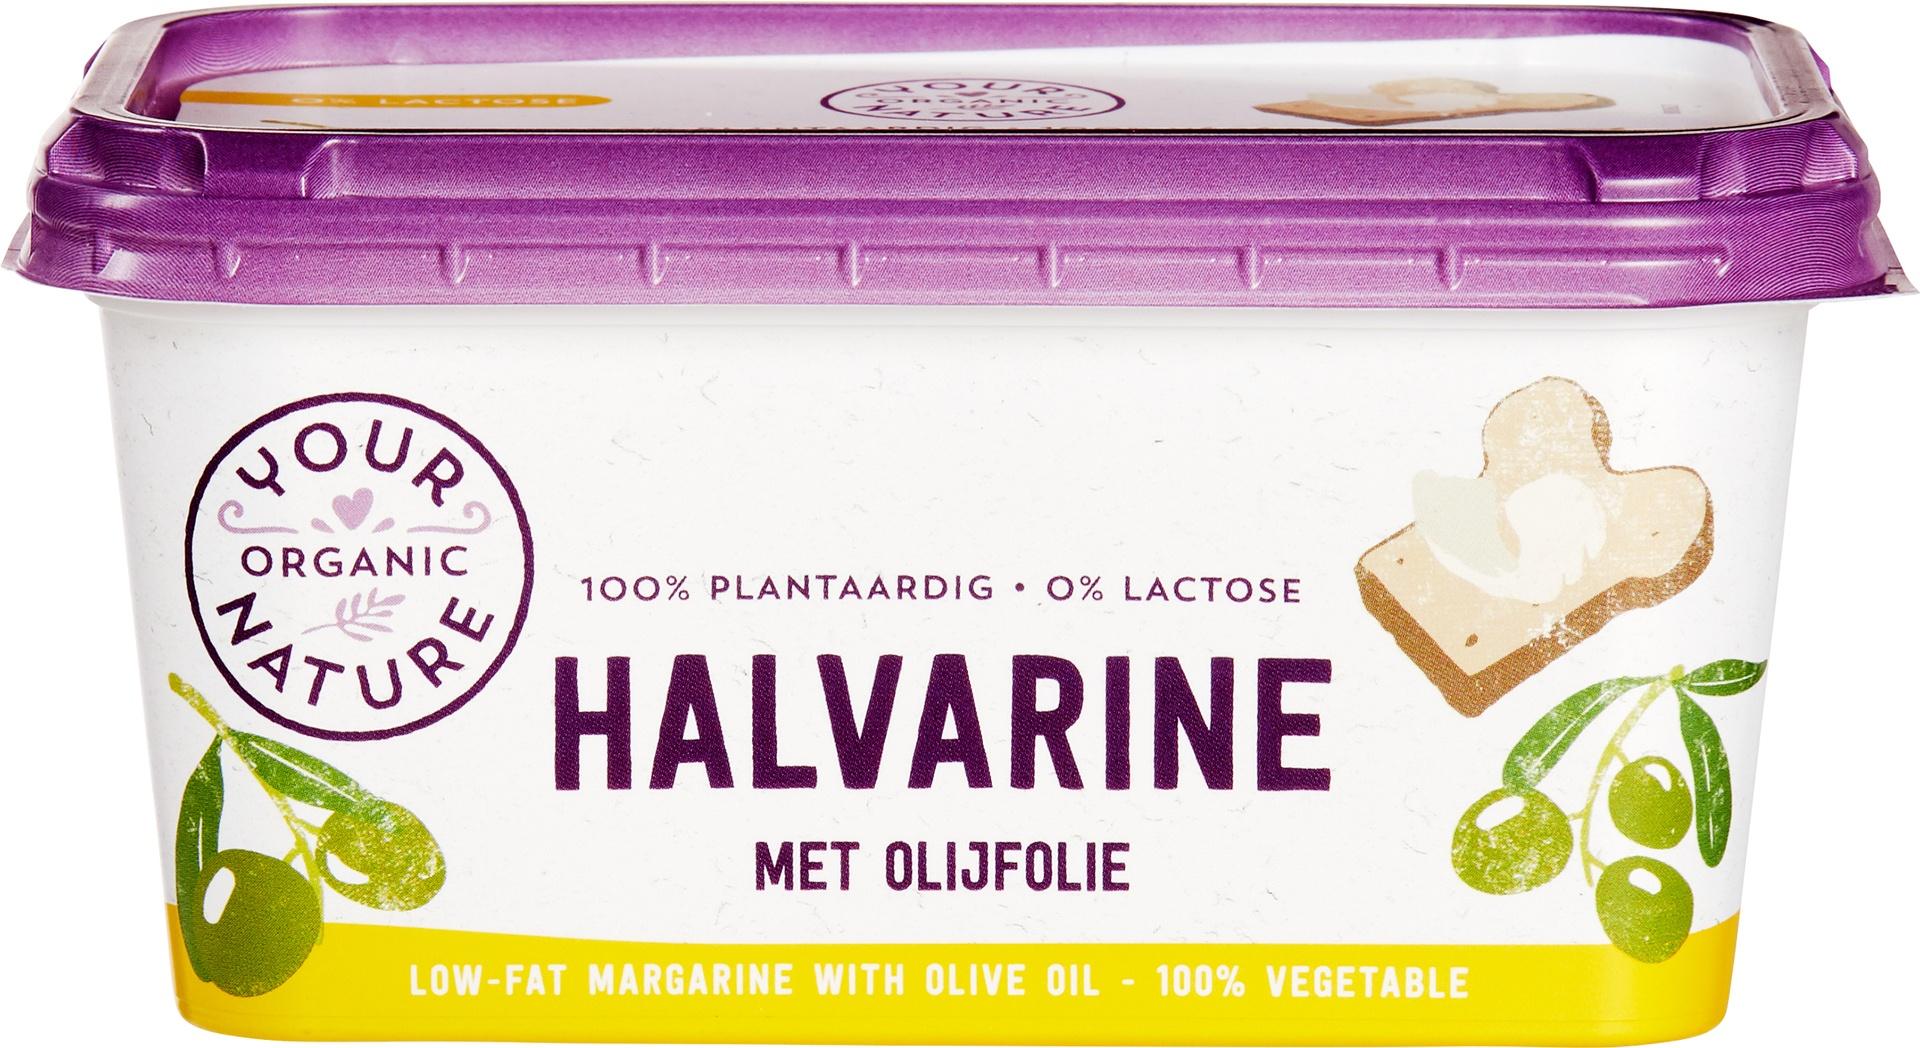 Biologische Your Organic Nature Halvarine met olijfolie 500 gr